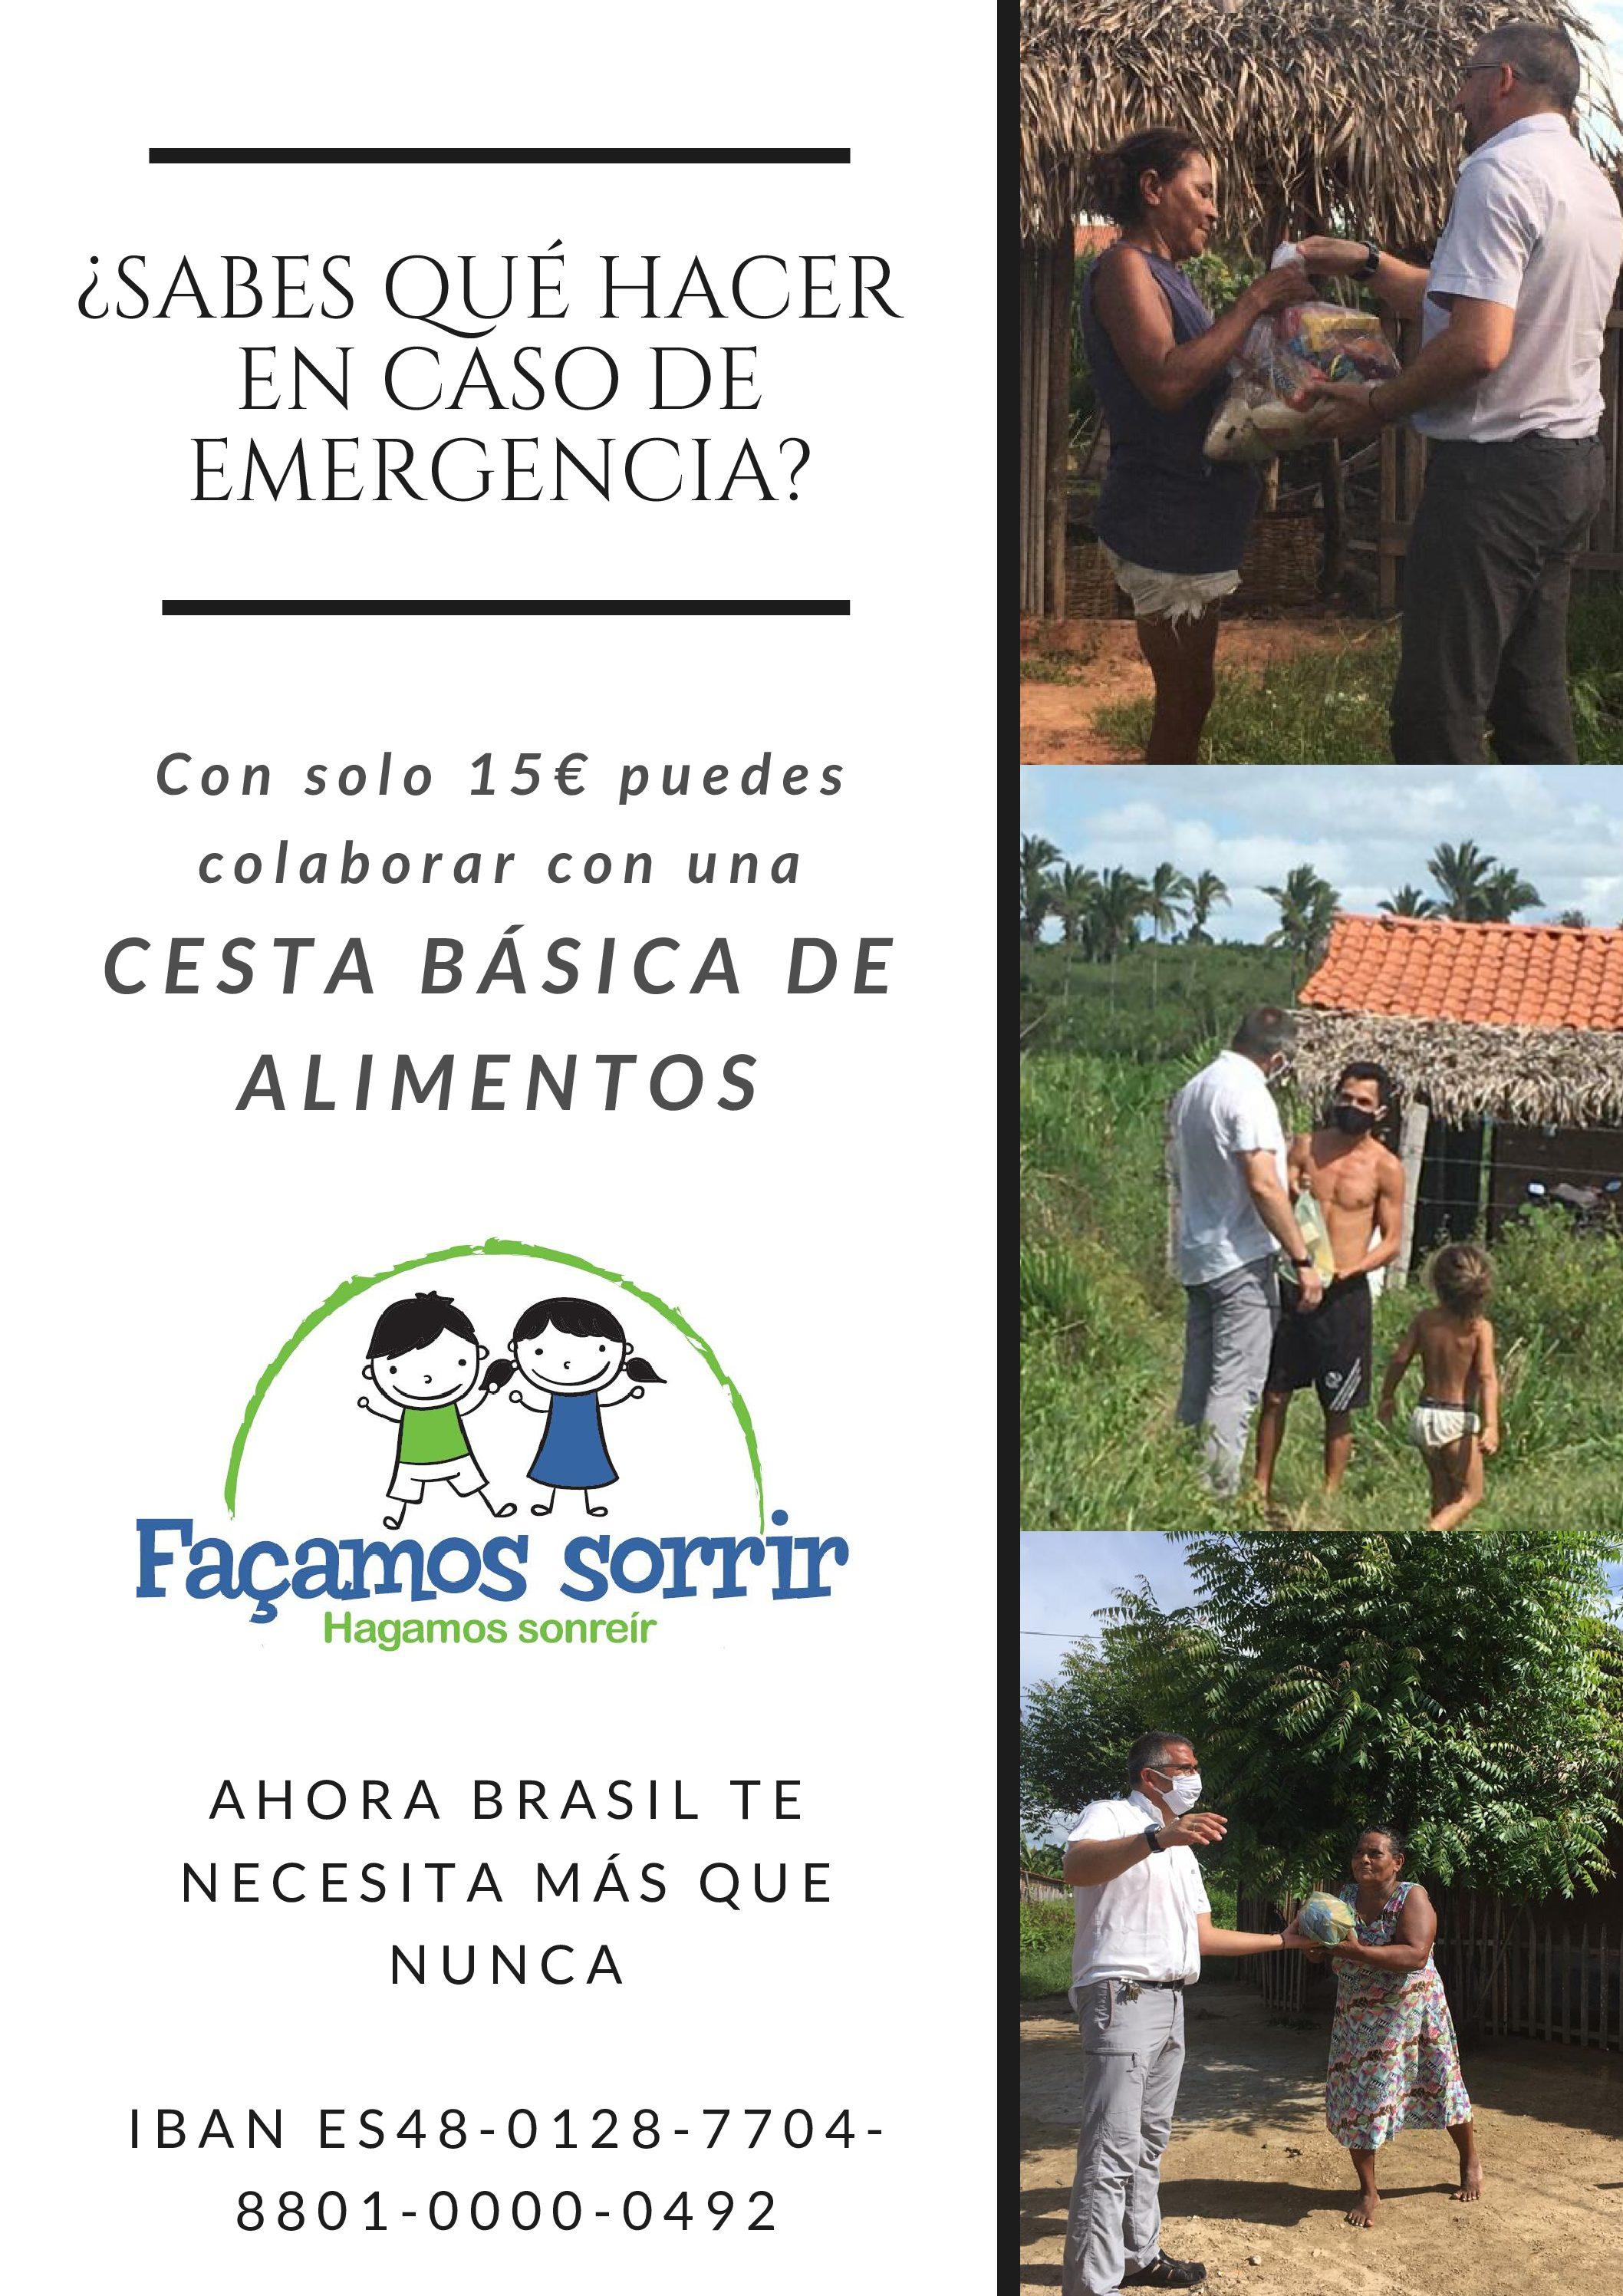 EMERGENCIA BRASIL COVID-19